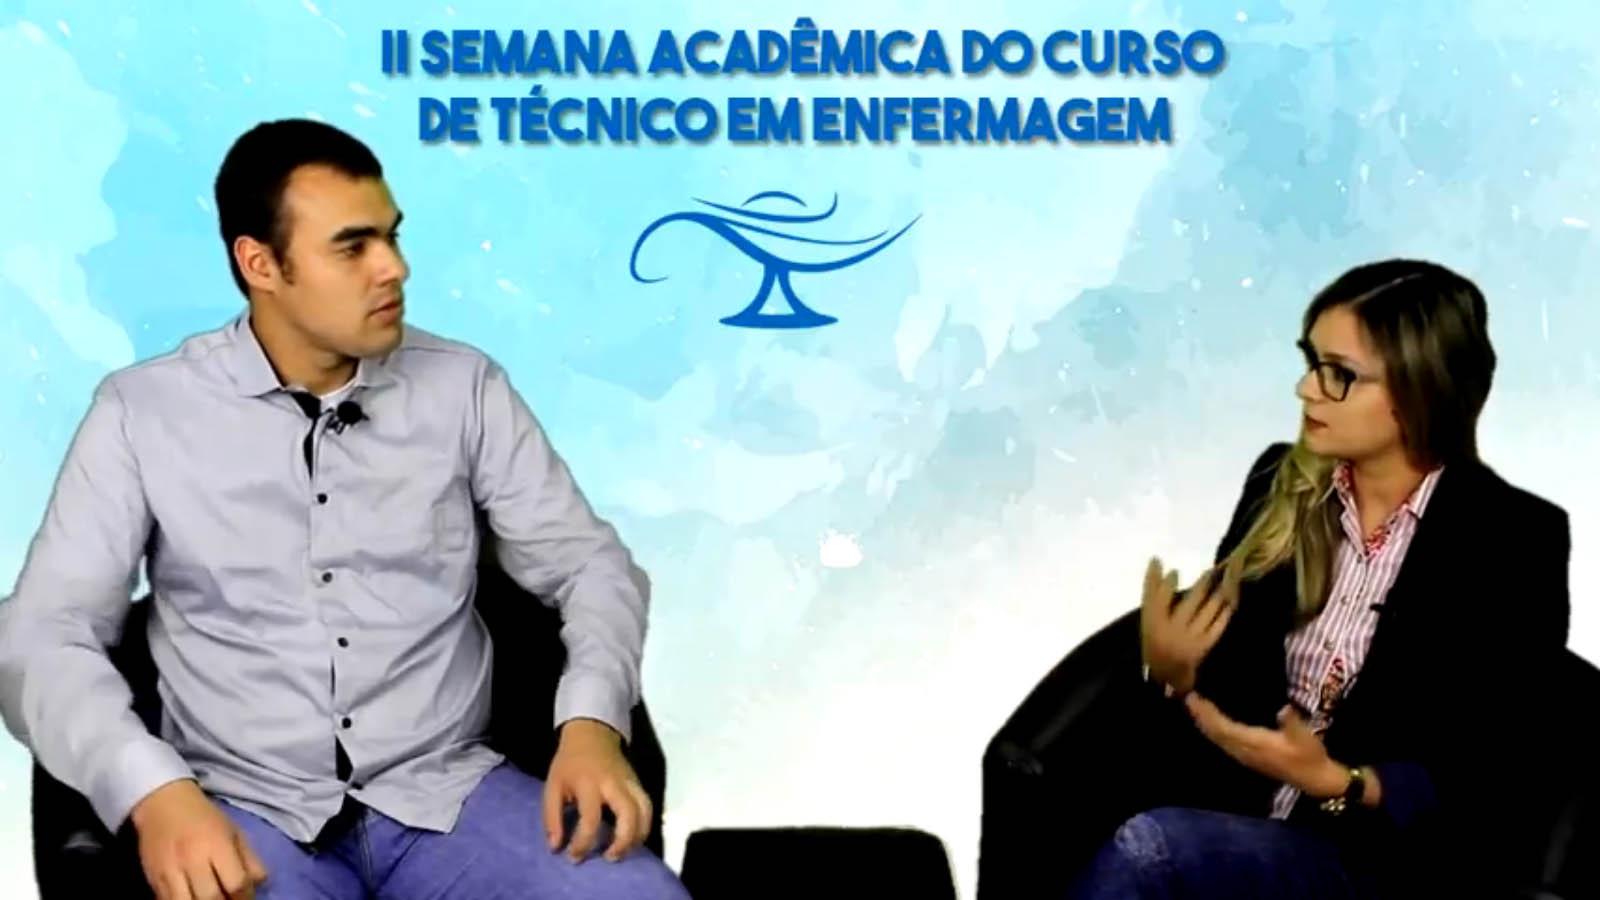 Photo of Qwerty Escola promove II Semana Acadêmica do Curso de Técnico em Enfermagem